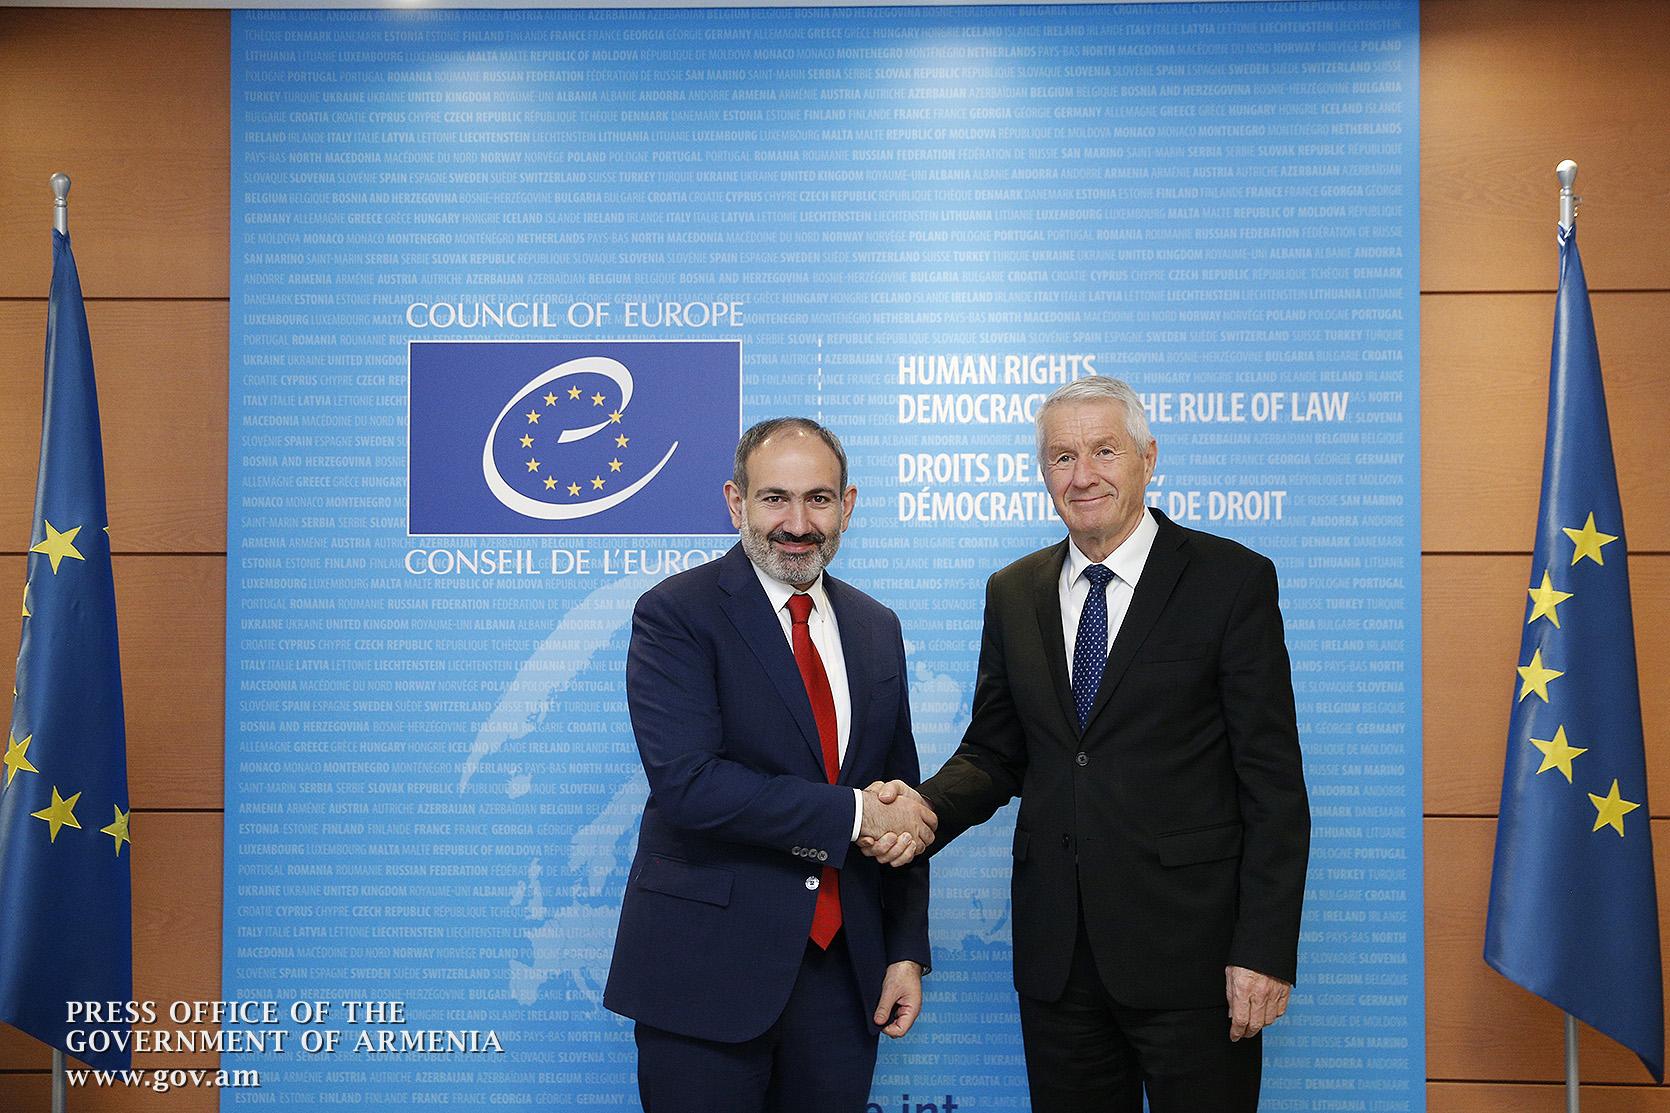 Photo of Совет Европы продолжает поддерживать Армению на пути демократического развития: Турбьёрн Ягланд Николу Пашиняну